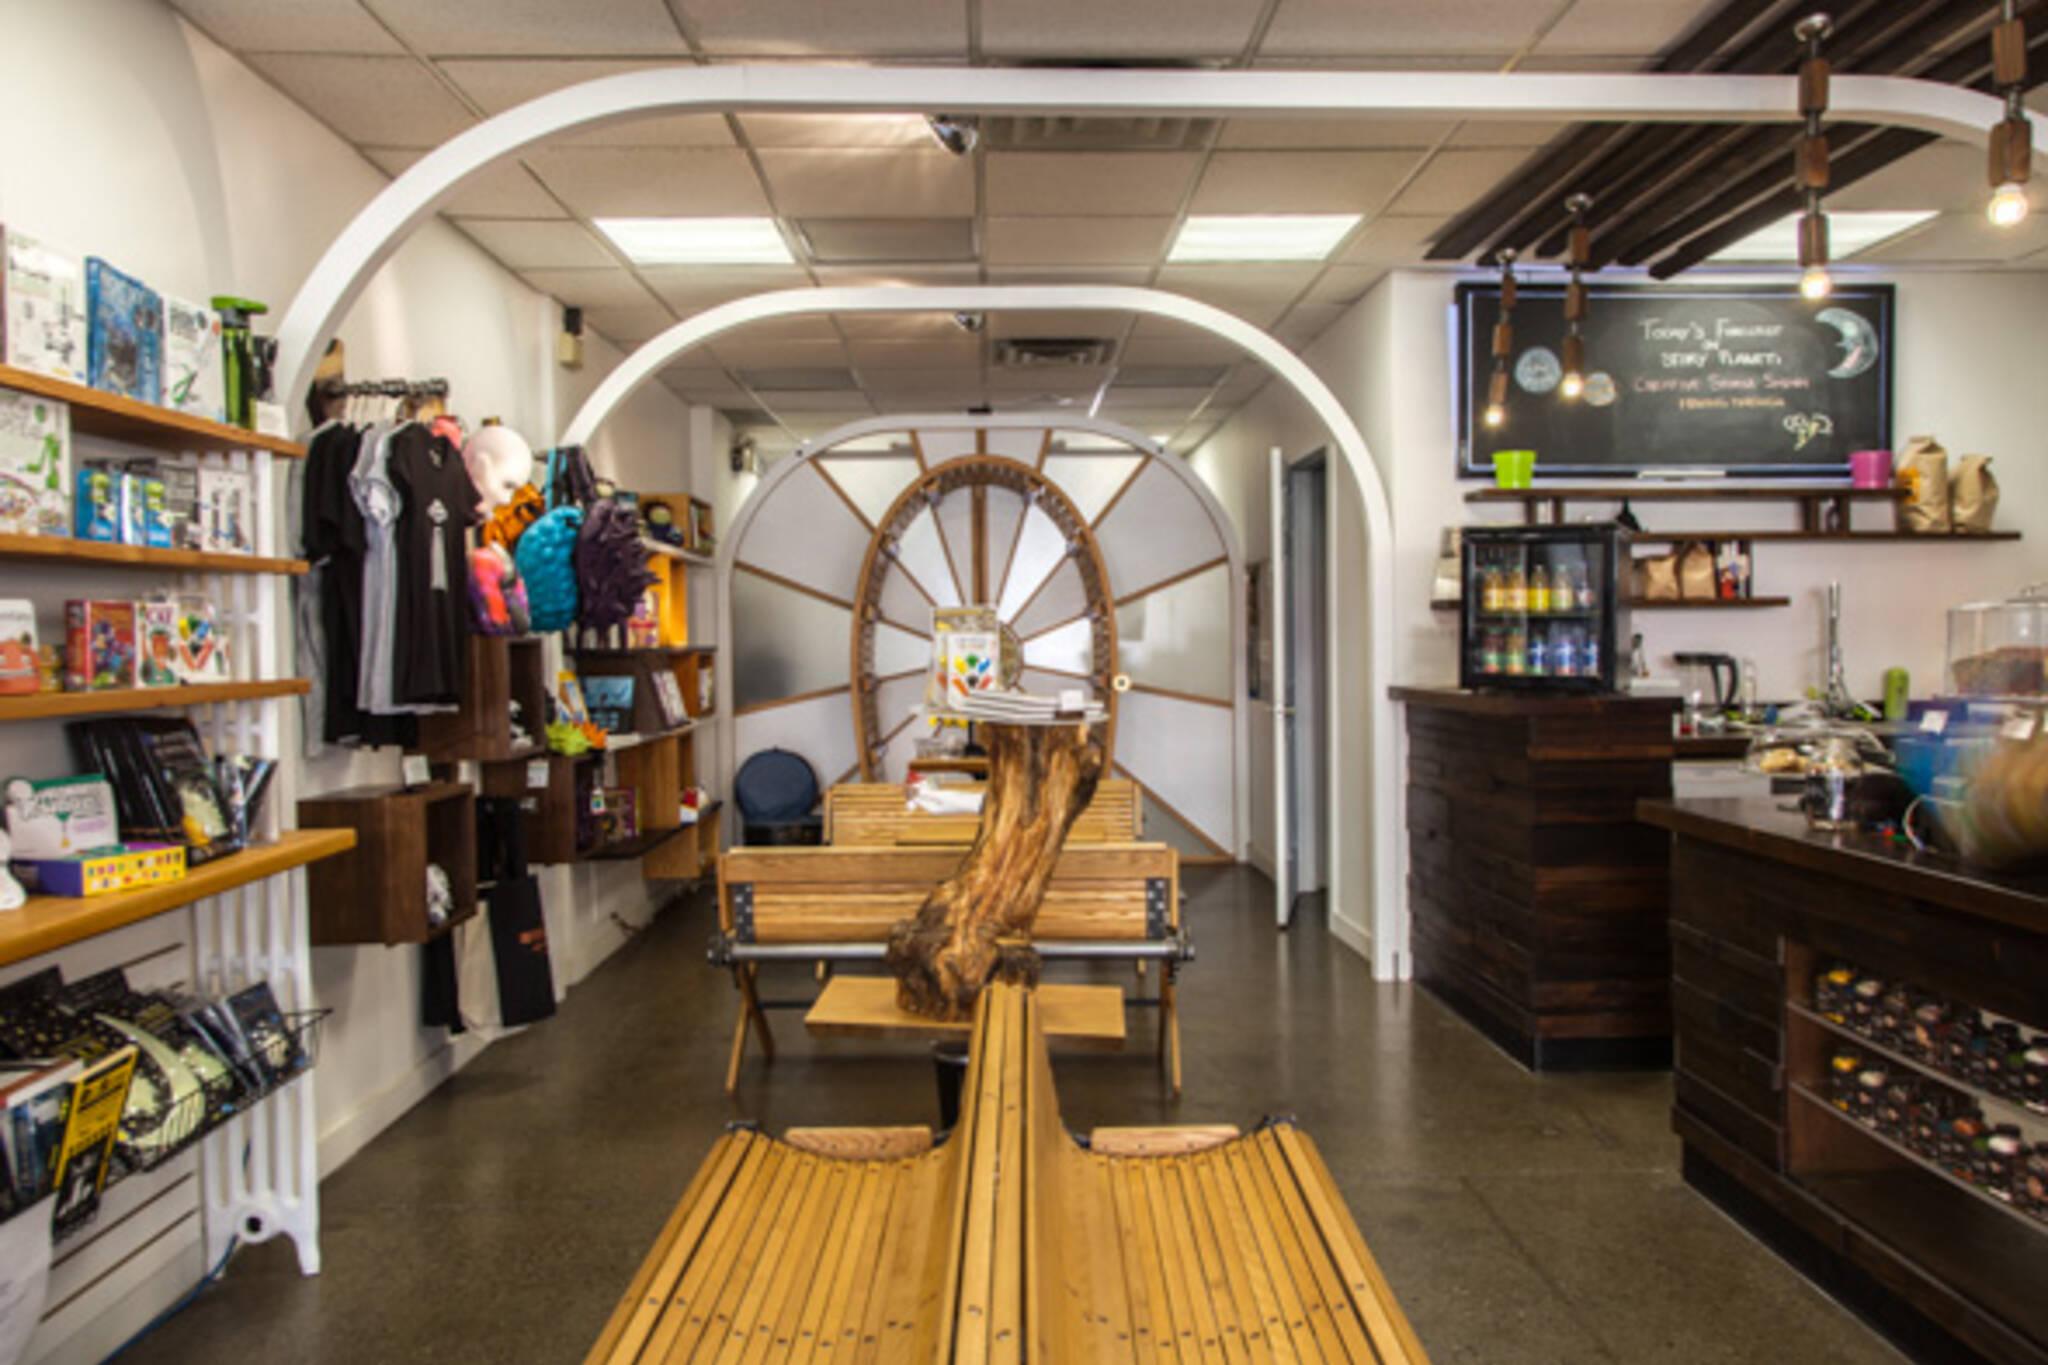 bloordale village shop cafe toronto